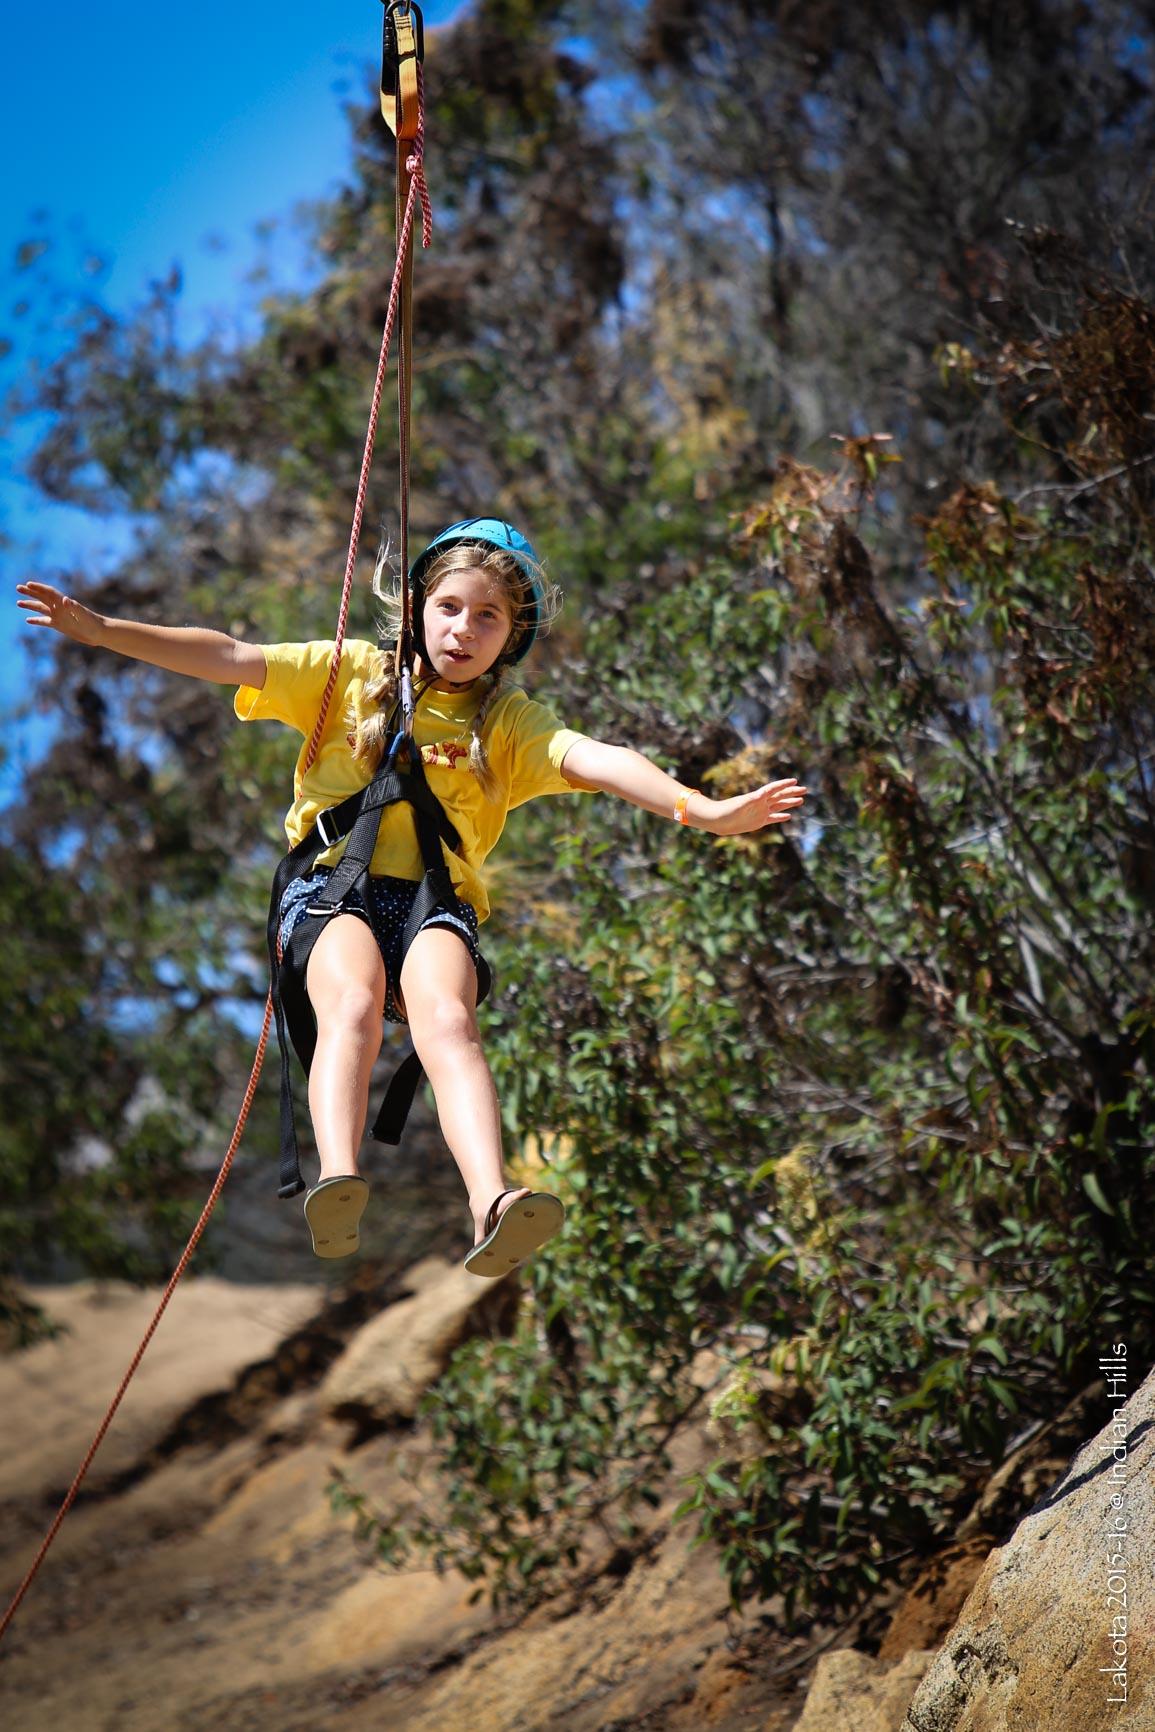 woolwine single girls Mountain rose inn: great single night get away - see 197 traveler reviews, 101 candid photos, and great deals for mountain rose inn at tripadvisor.